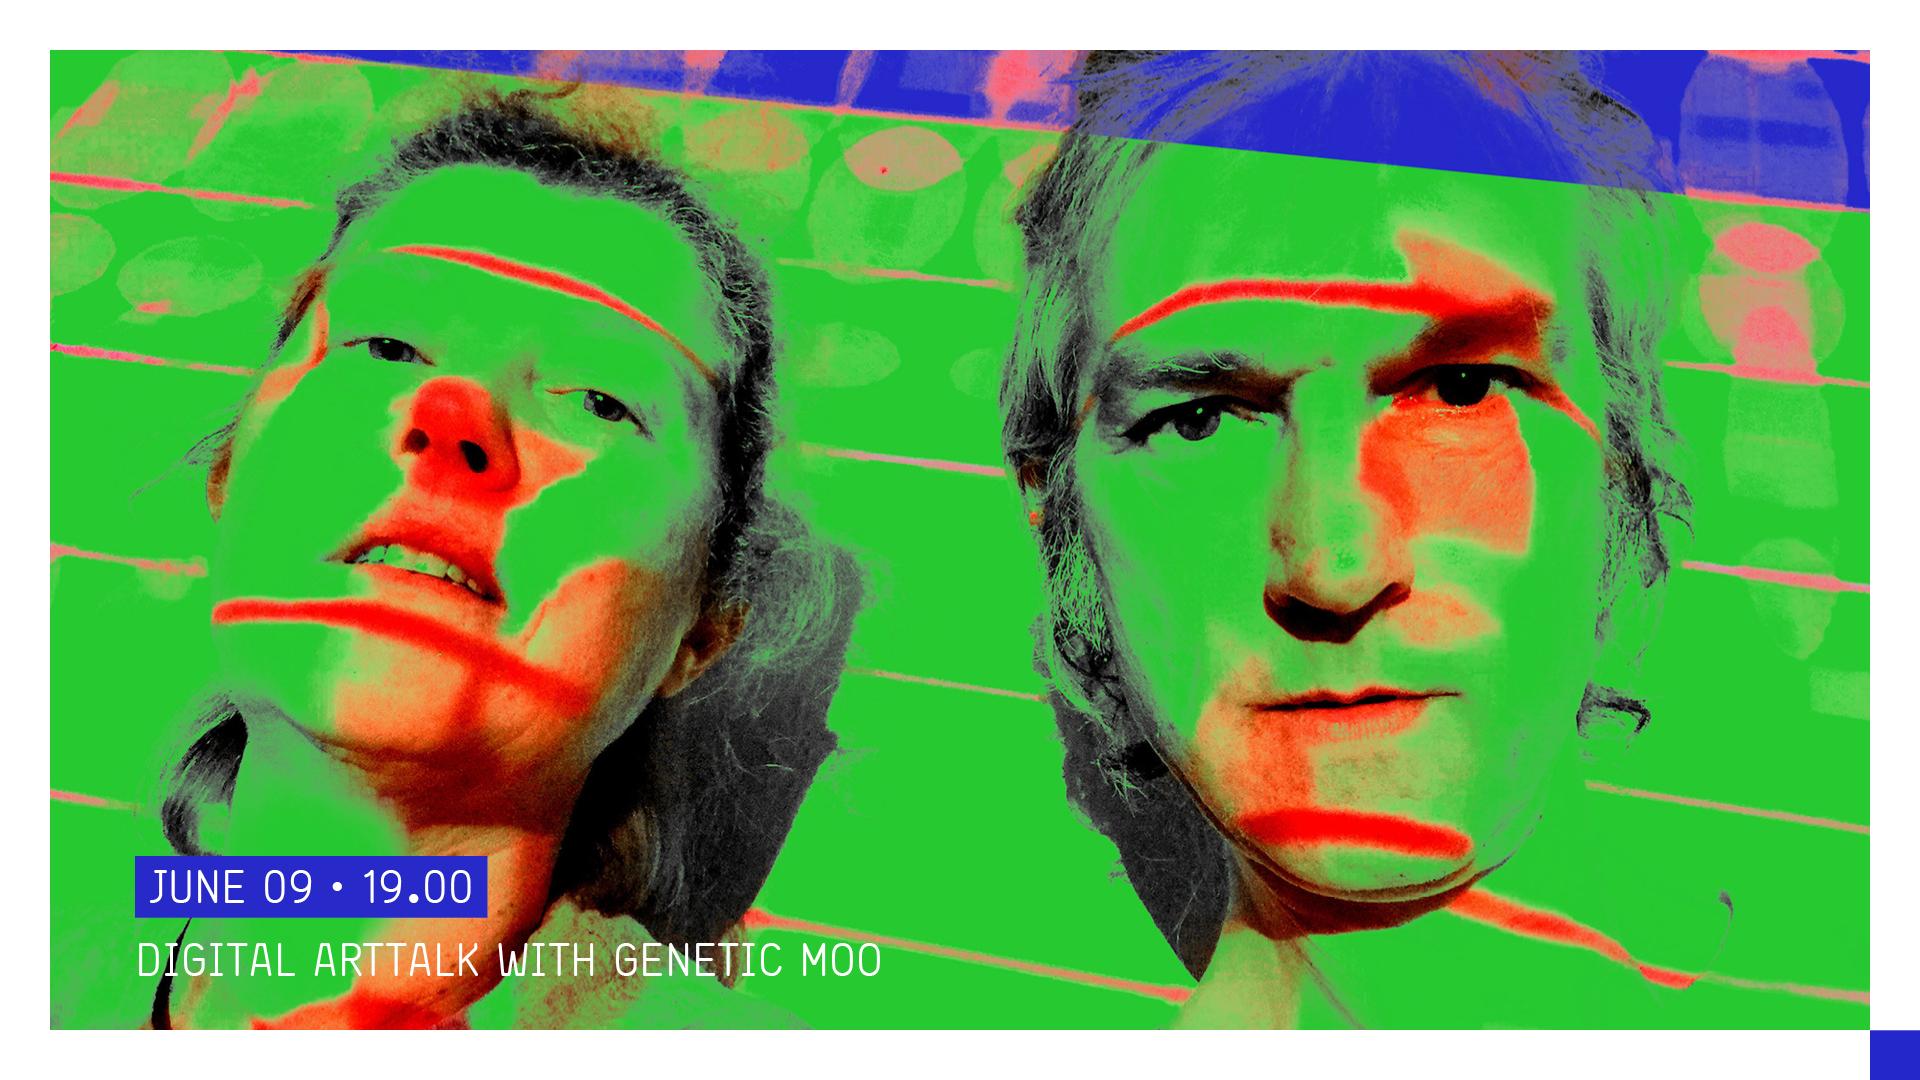 Bli med på gratis, direktesendt Artist Talk med Genetic Moo